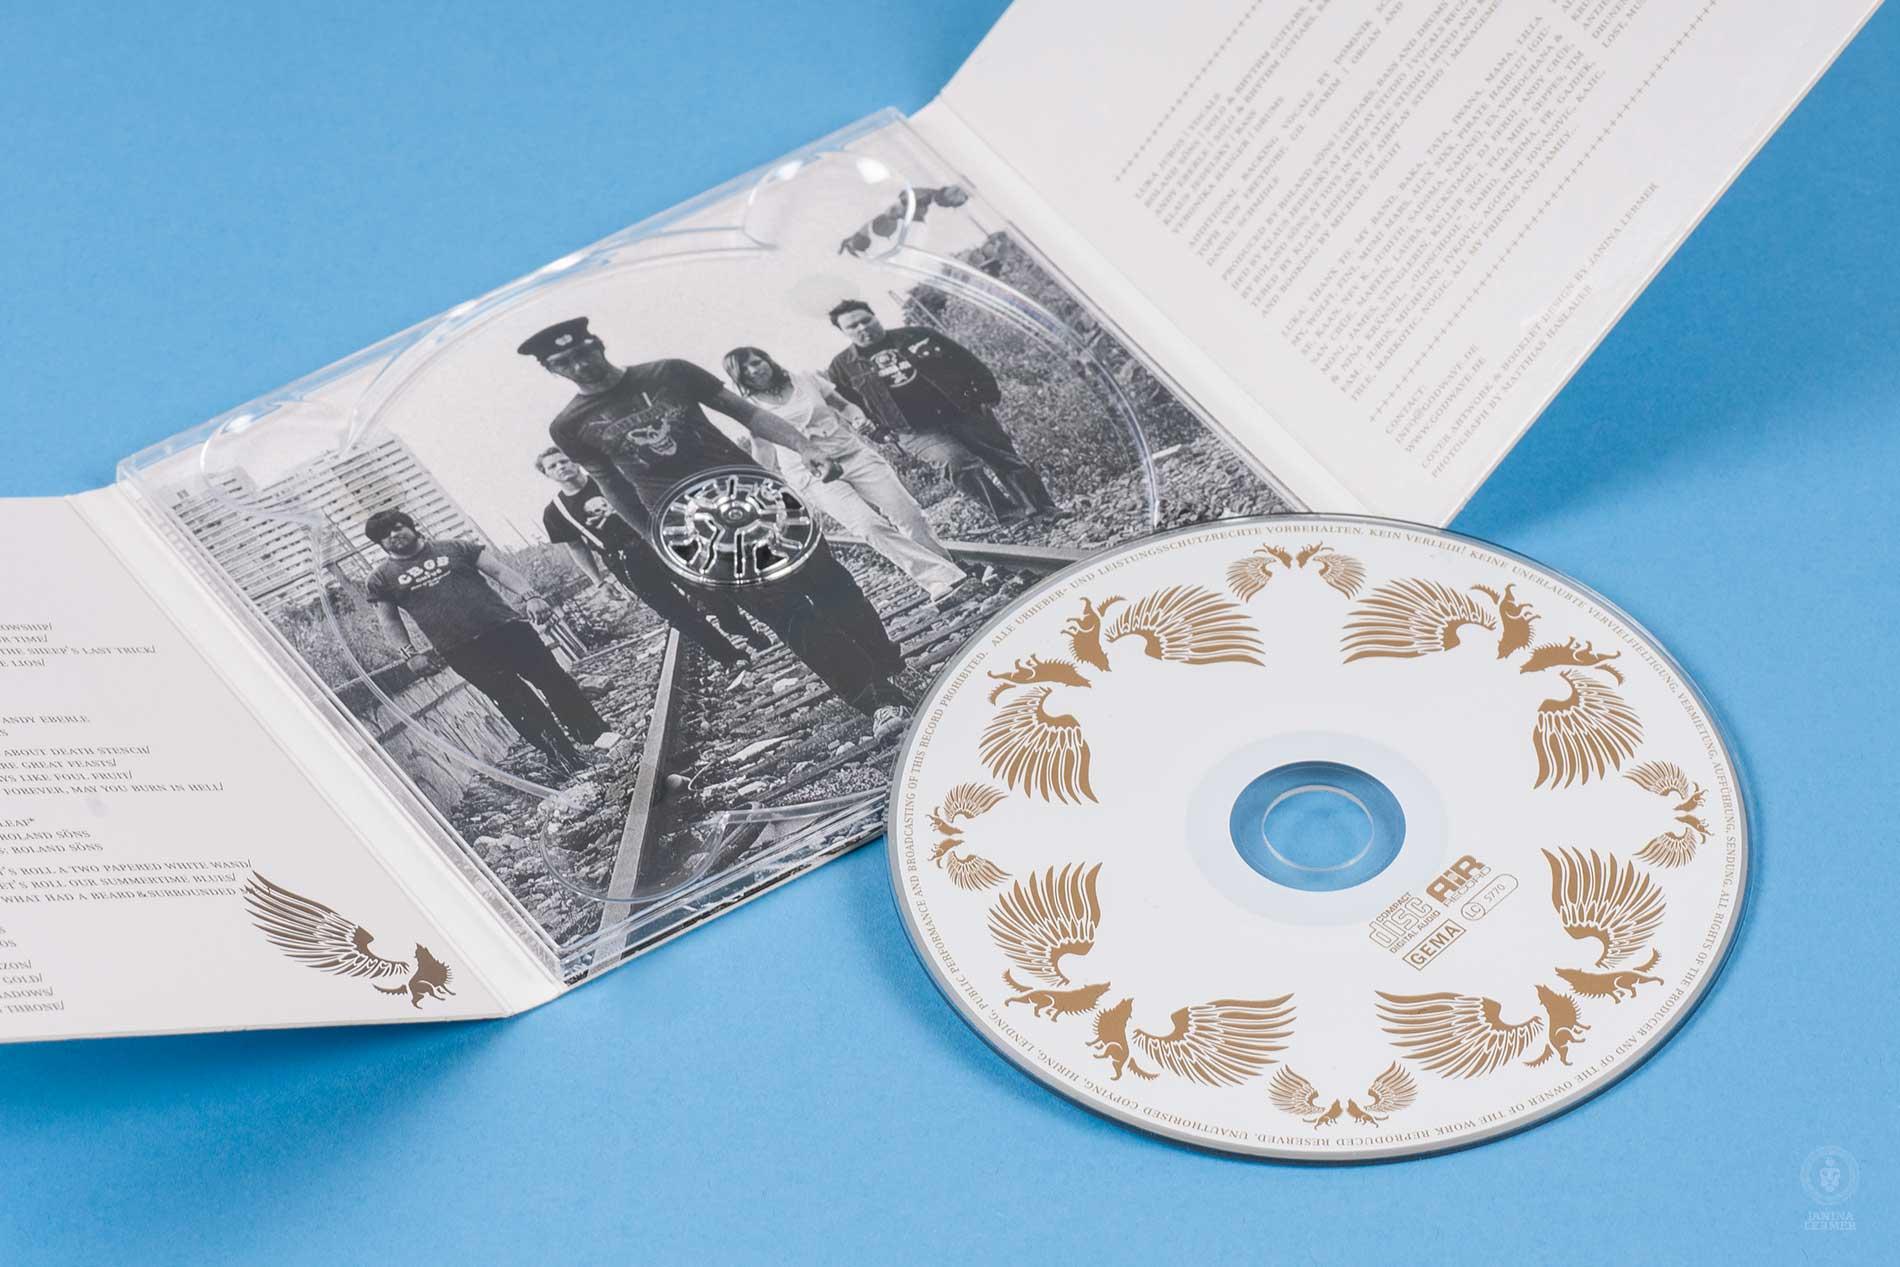 Janina-Lermer-Verpackungsgestaltung-Packagingdesign-CD-Cover-Open-2-Band-Godwave